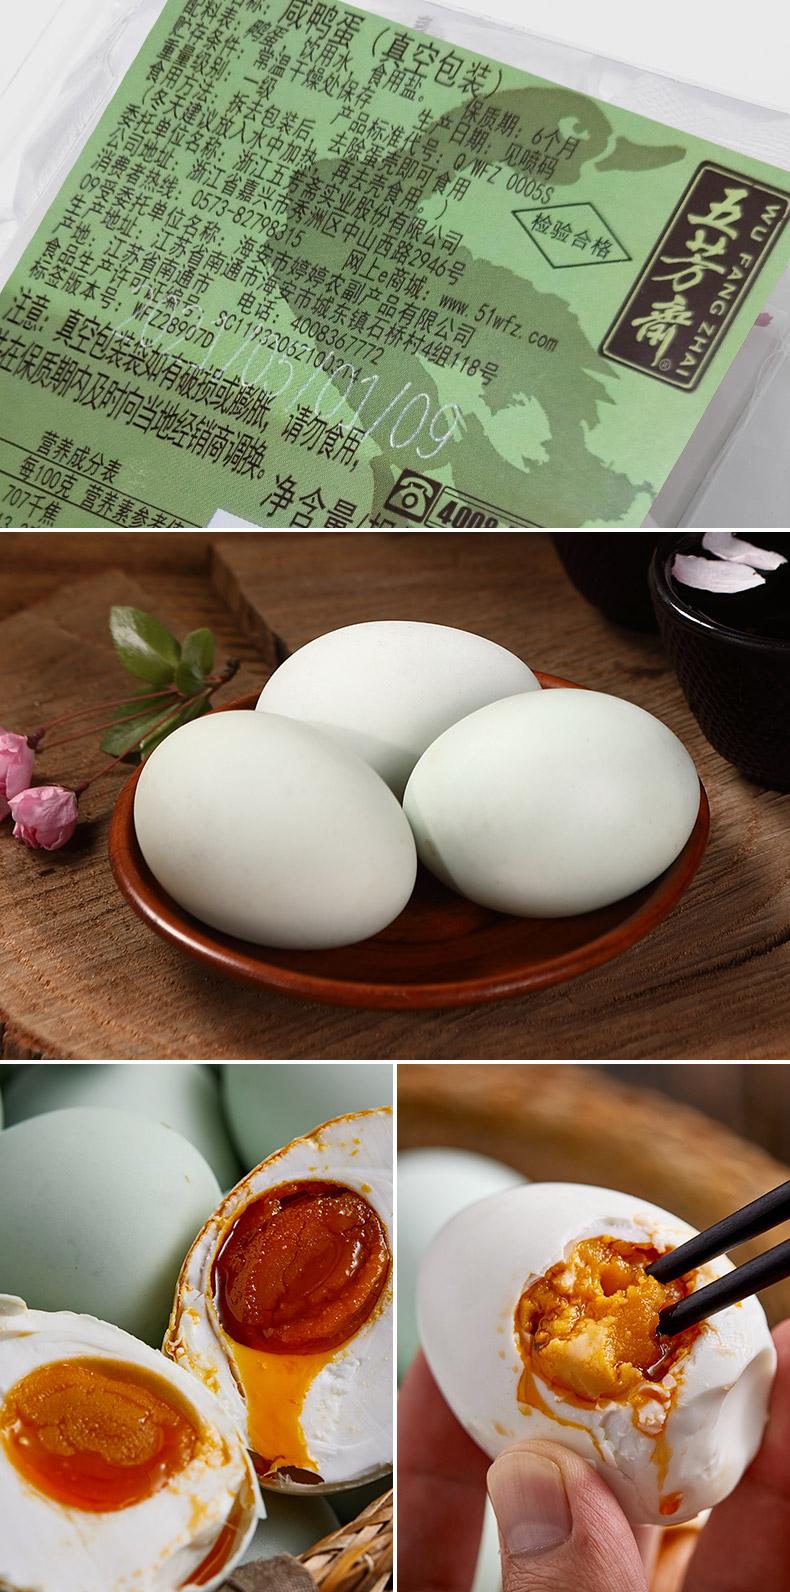 五芳斋 流油咸鸭蛋 20枚礼盒装 图6